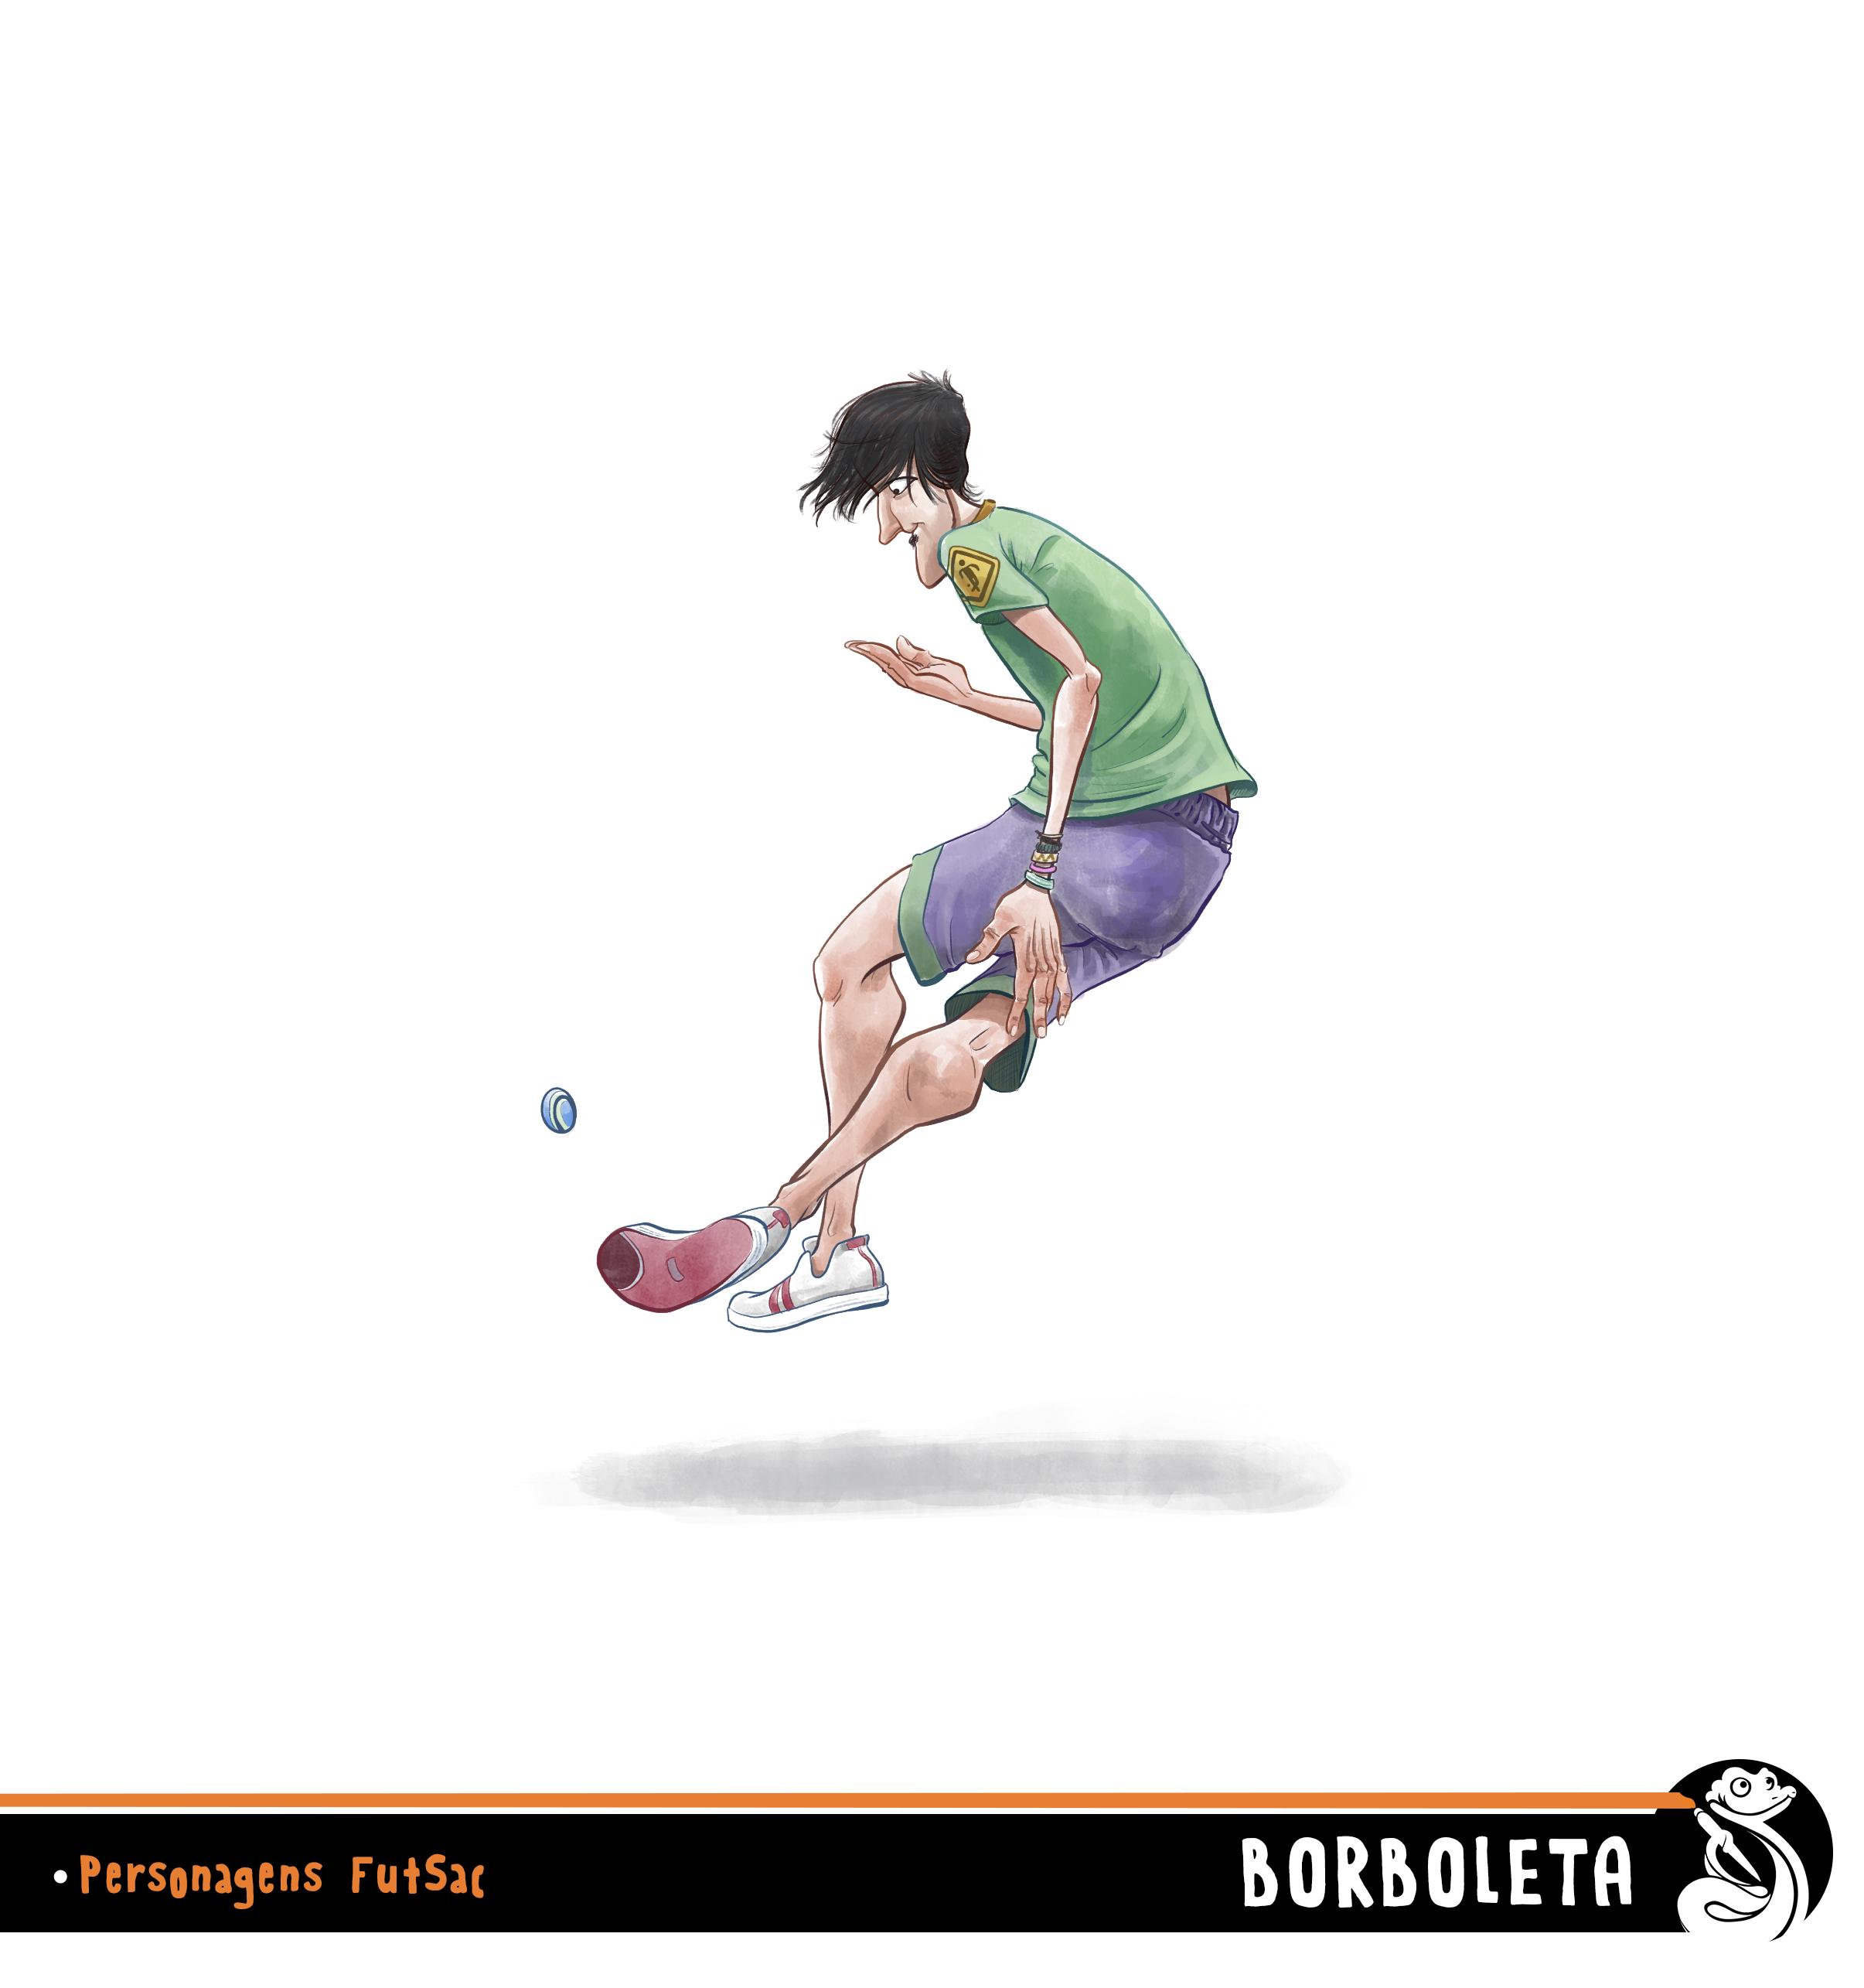 6-jogadas_cor_borboletaALTA